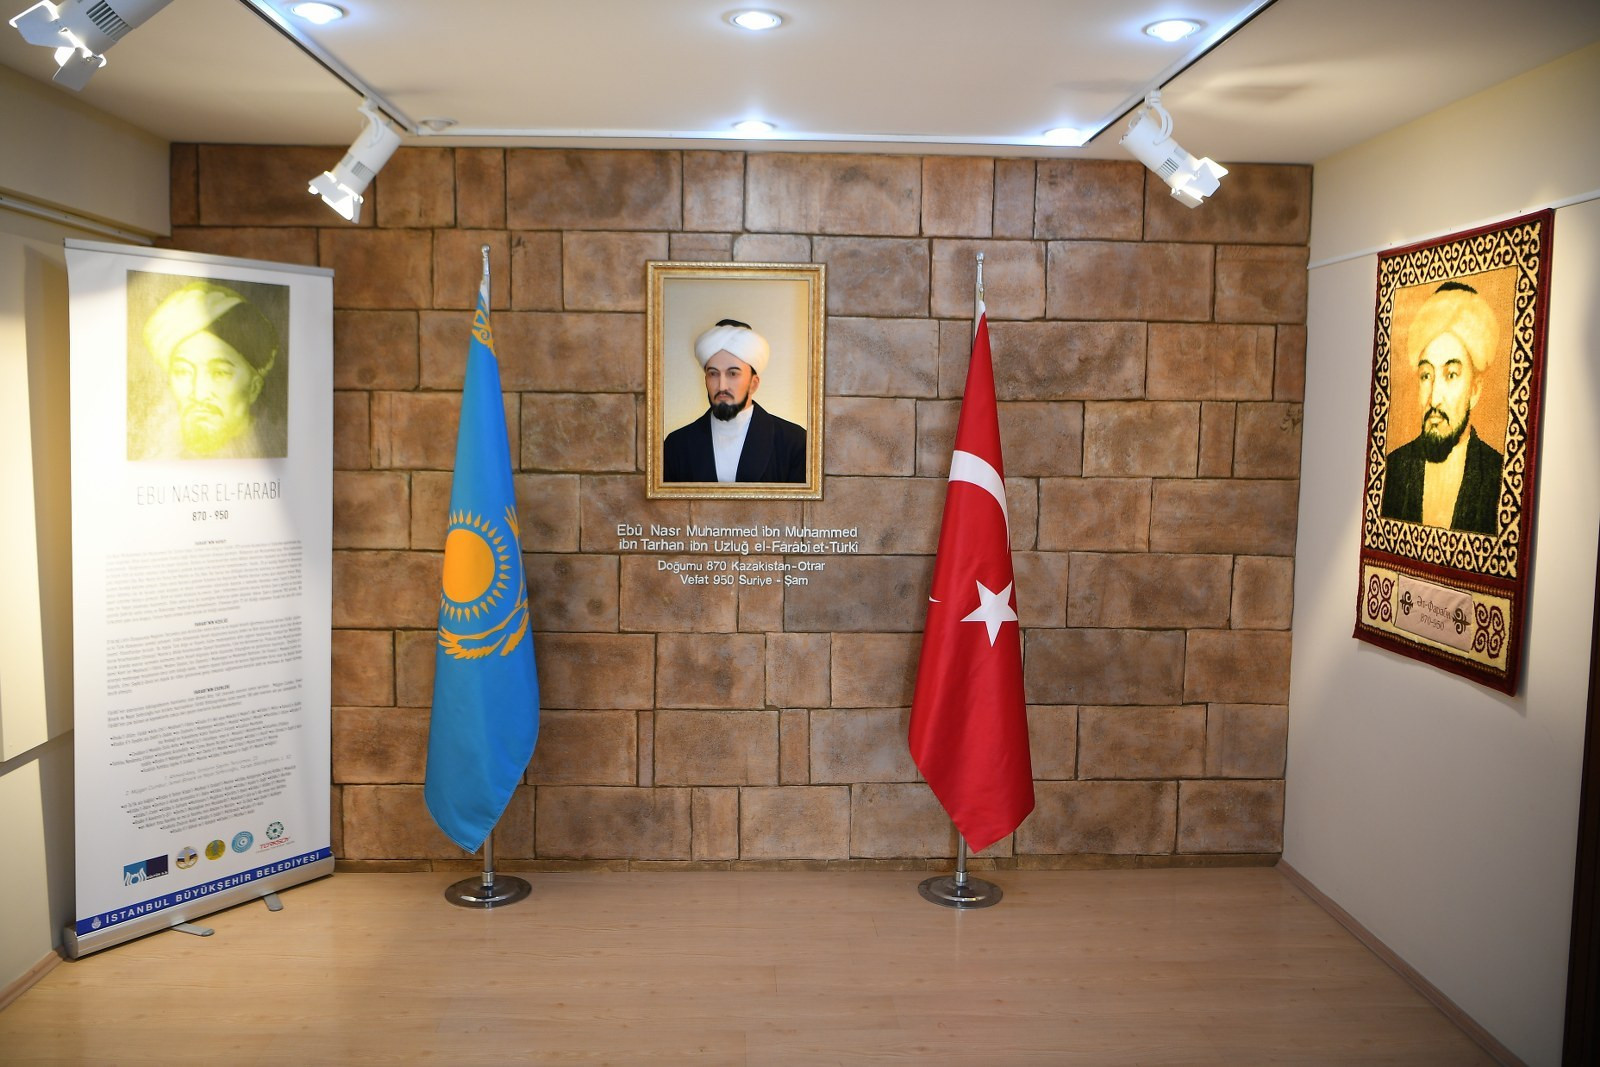 Ebu Nasr El Farabi Evi açıldı Galeri - 28. Resim